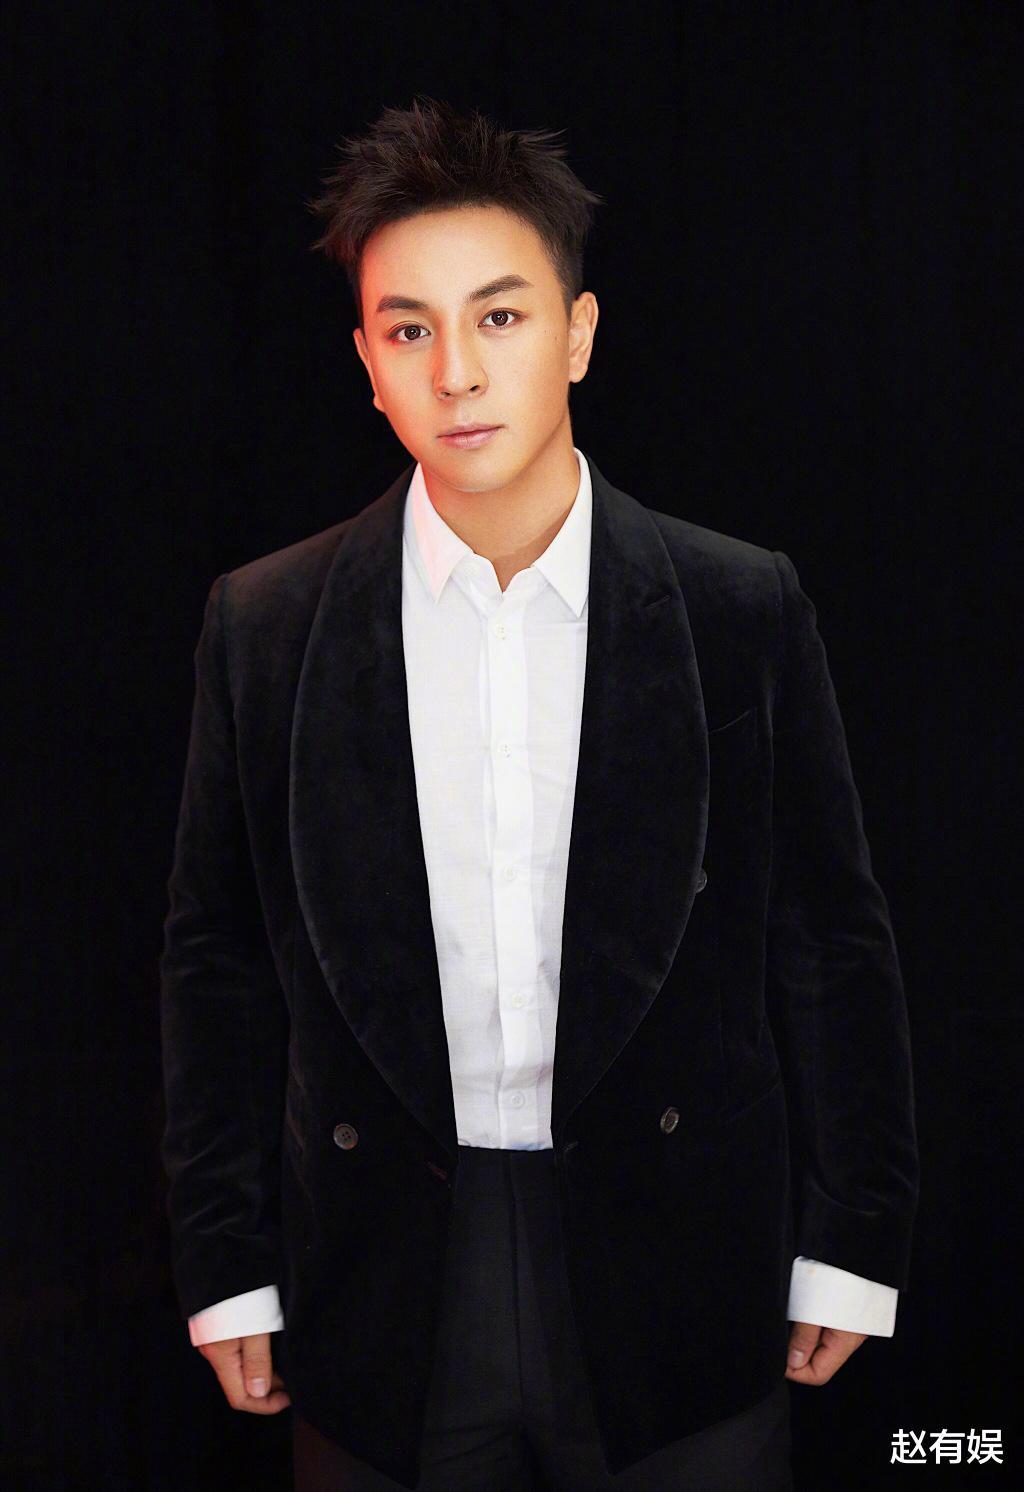 娱乐圈新闻_32岁的李小龙,回首往过,起劲而又谦逊